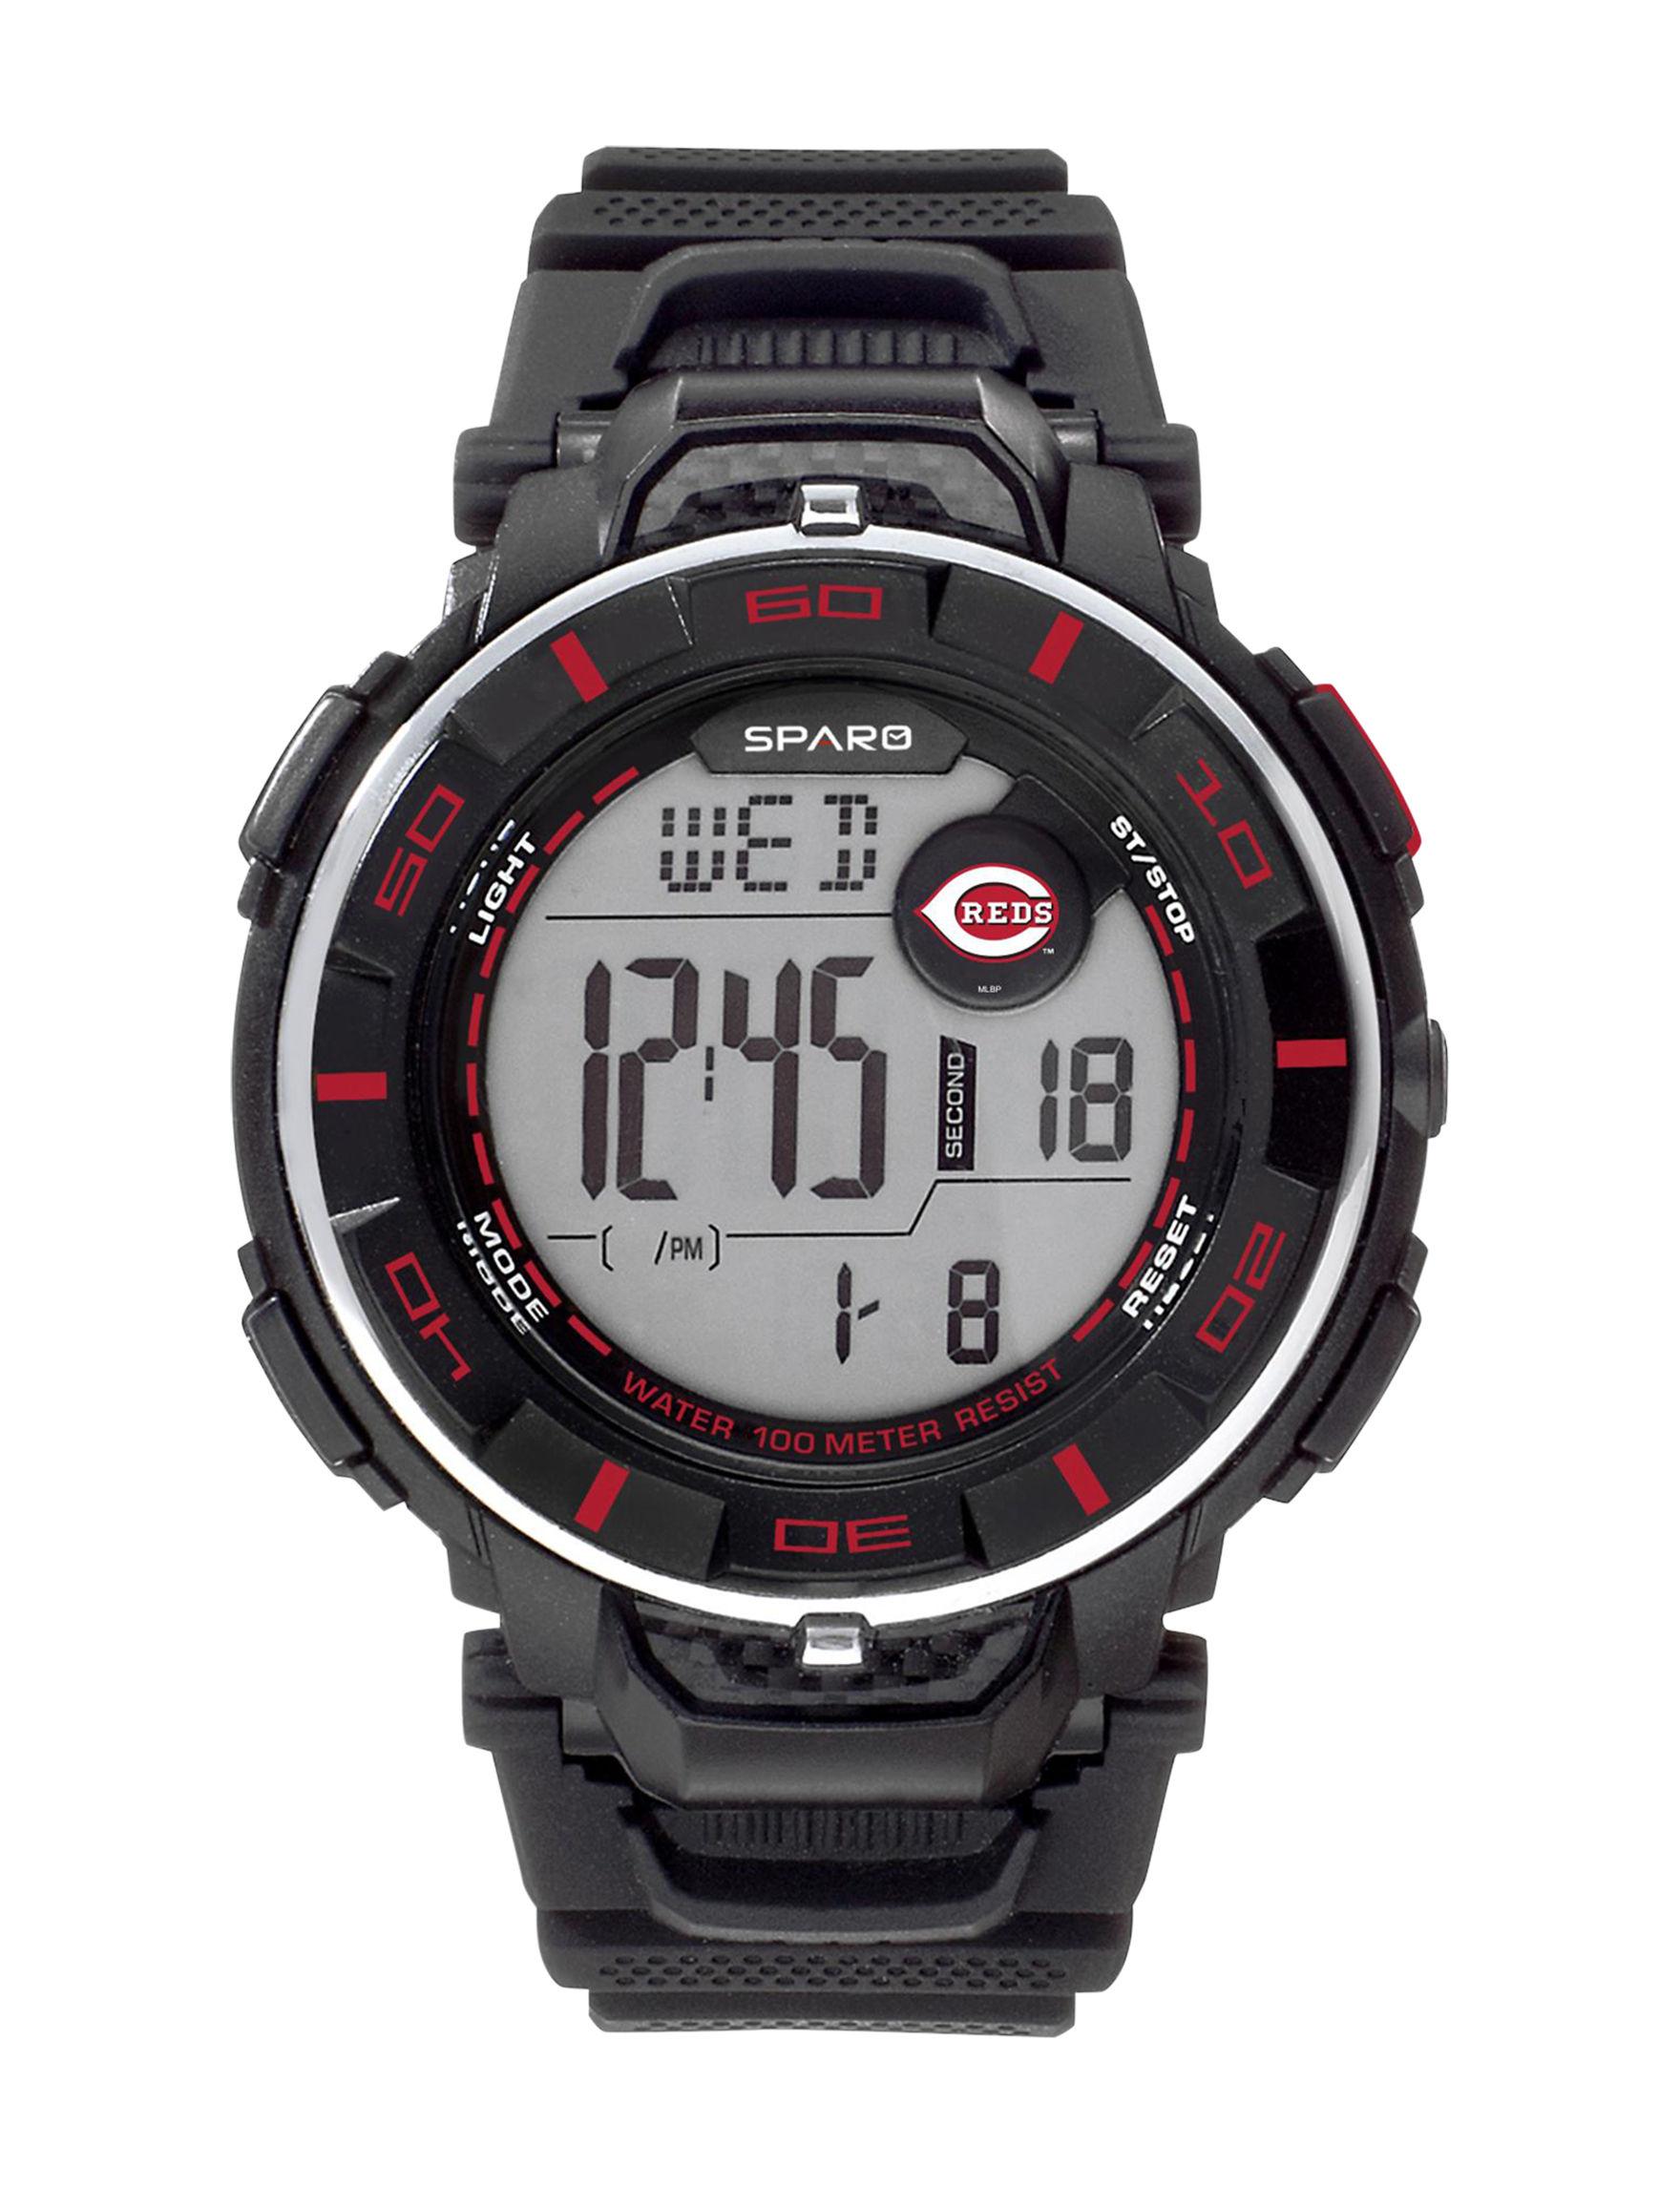 Sparo Red Sport Watches